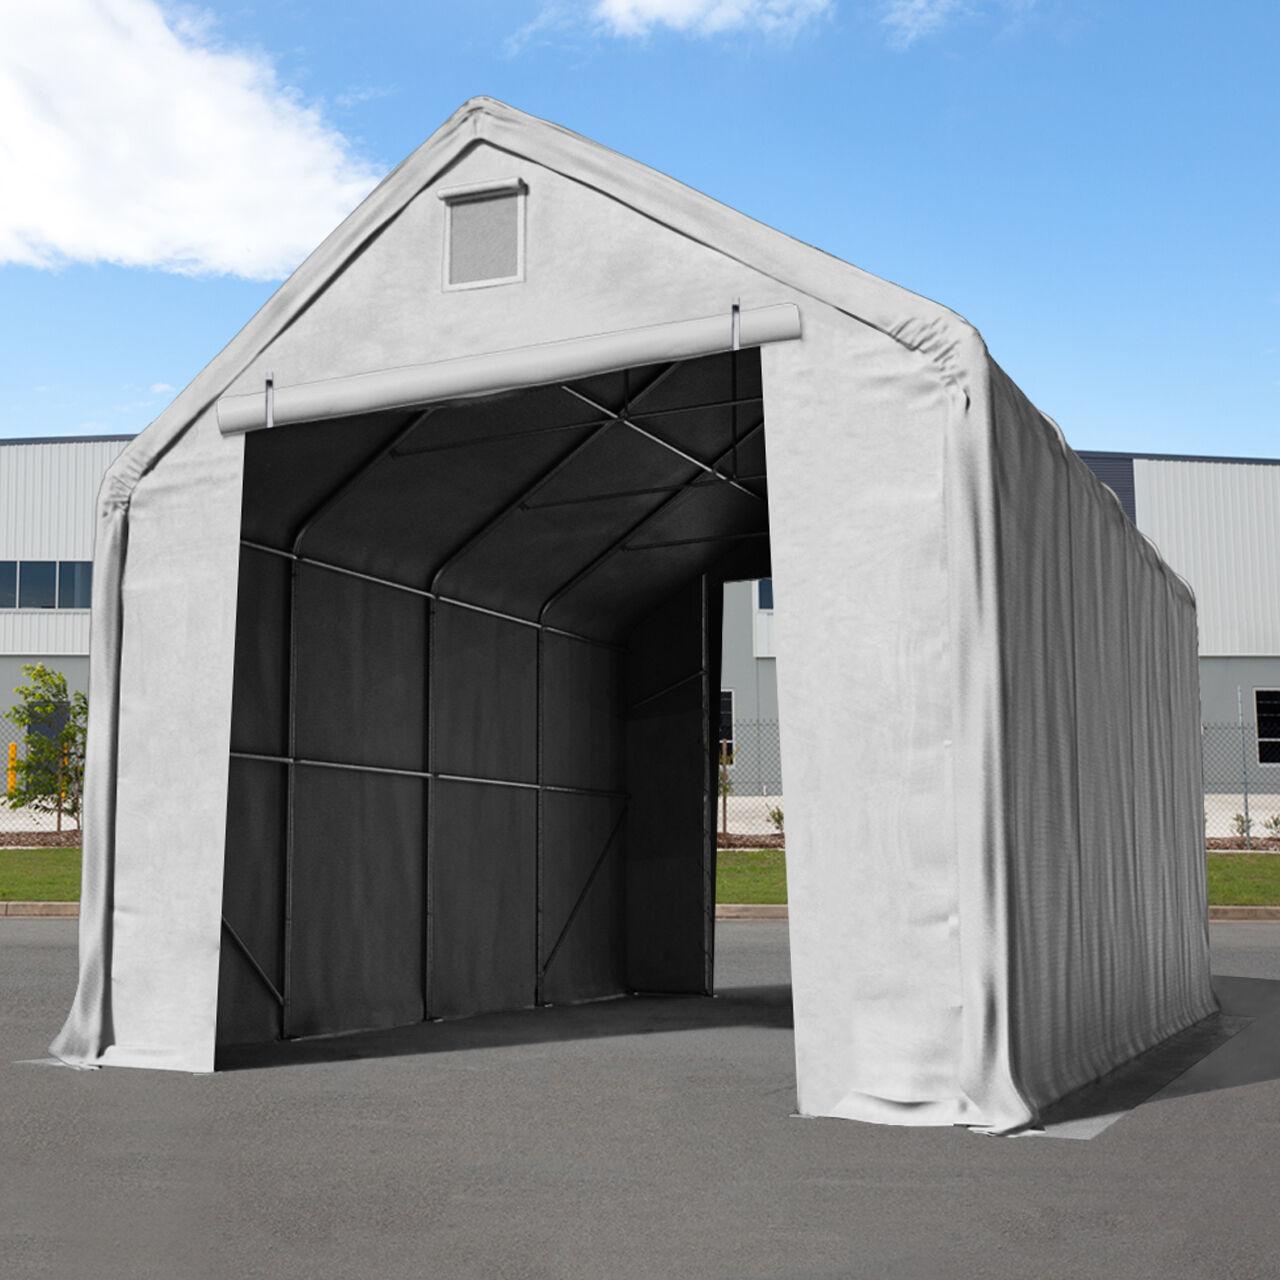 Intent24.fr Hall de stockage 5x8m PVC 720 g/m² Gris imperméable hangar en kit